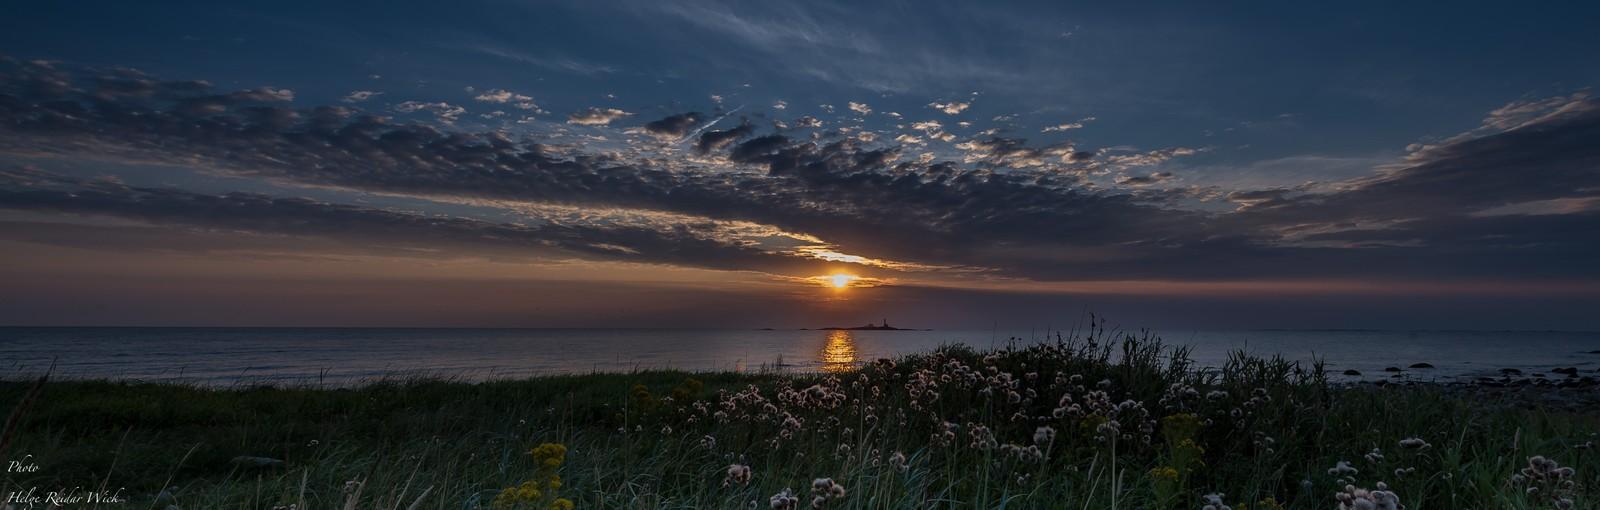 Solnedgang på Jæren